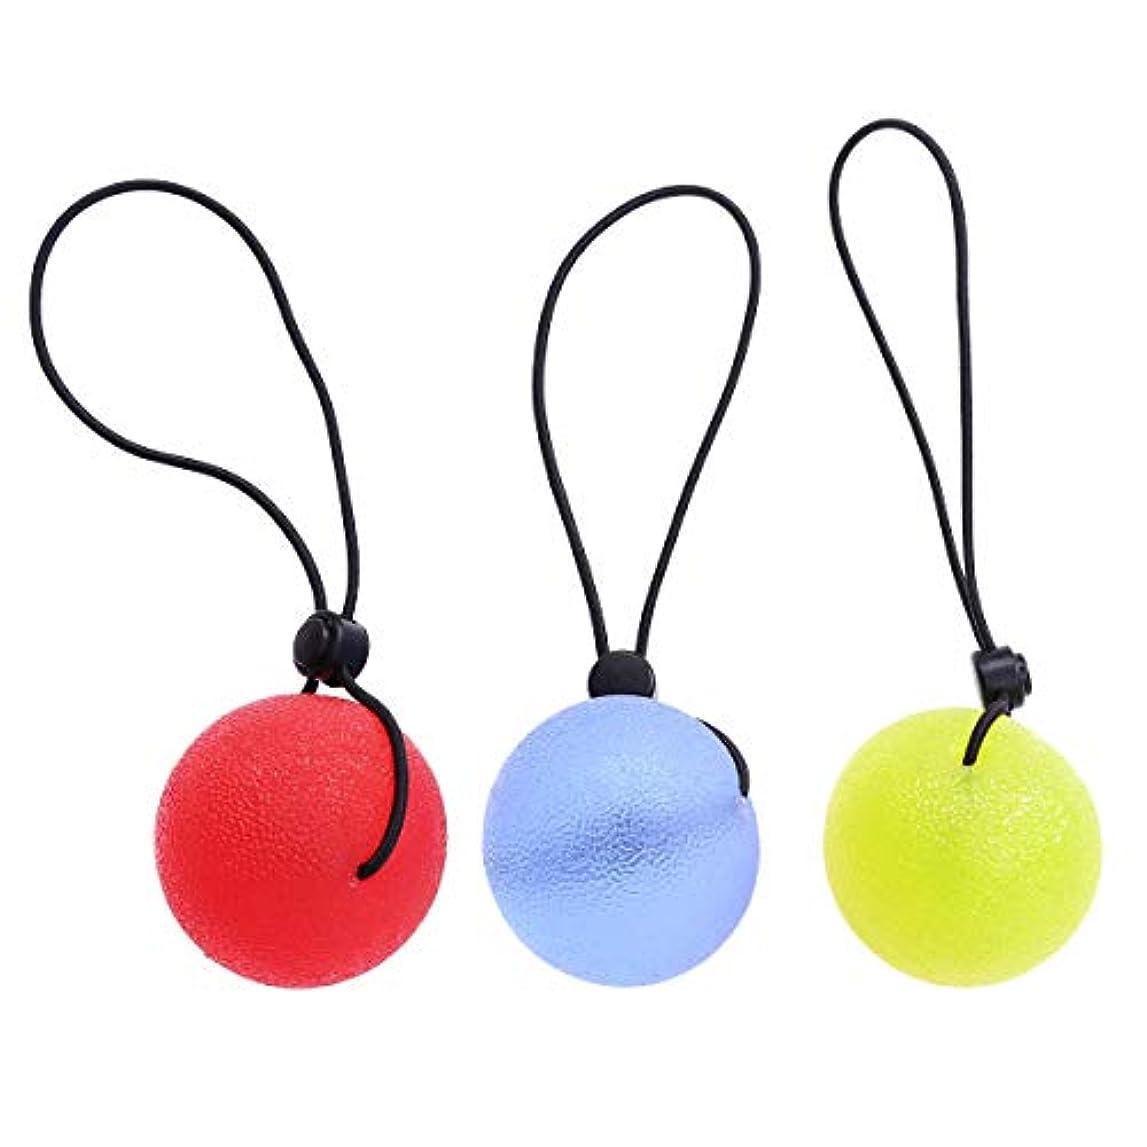 即席寝具慈善HEALIFTY ストレスリリーフボール、3本の指グリップボールセラピーエクササイズスクイズ卵ストレスボールストリングフィットネス機器(ランダムカラー)